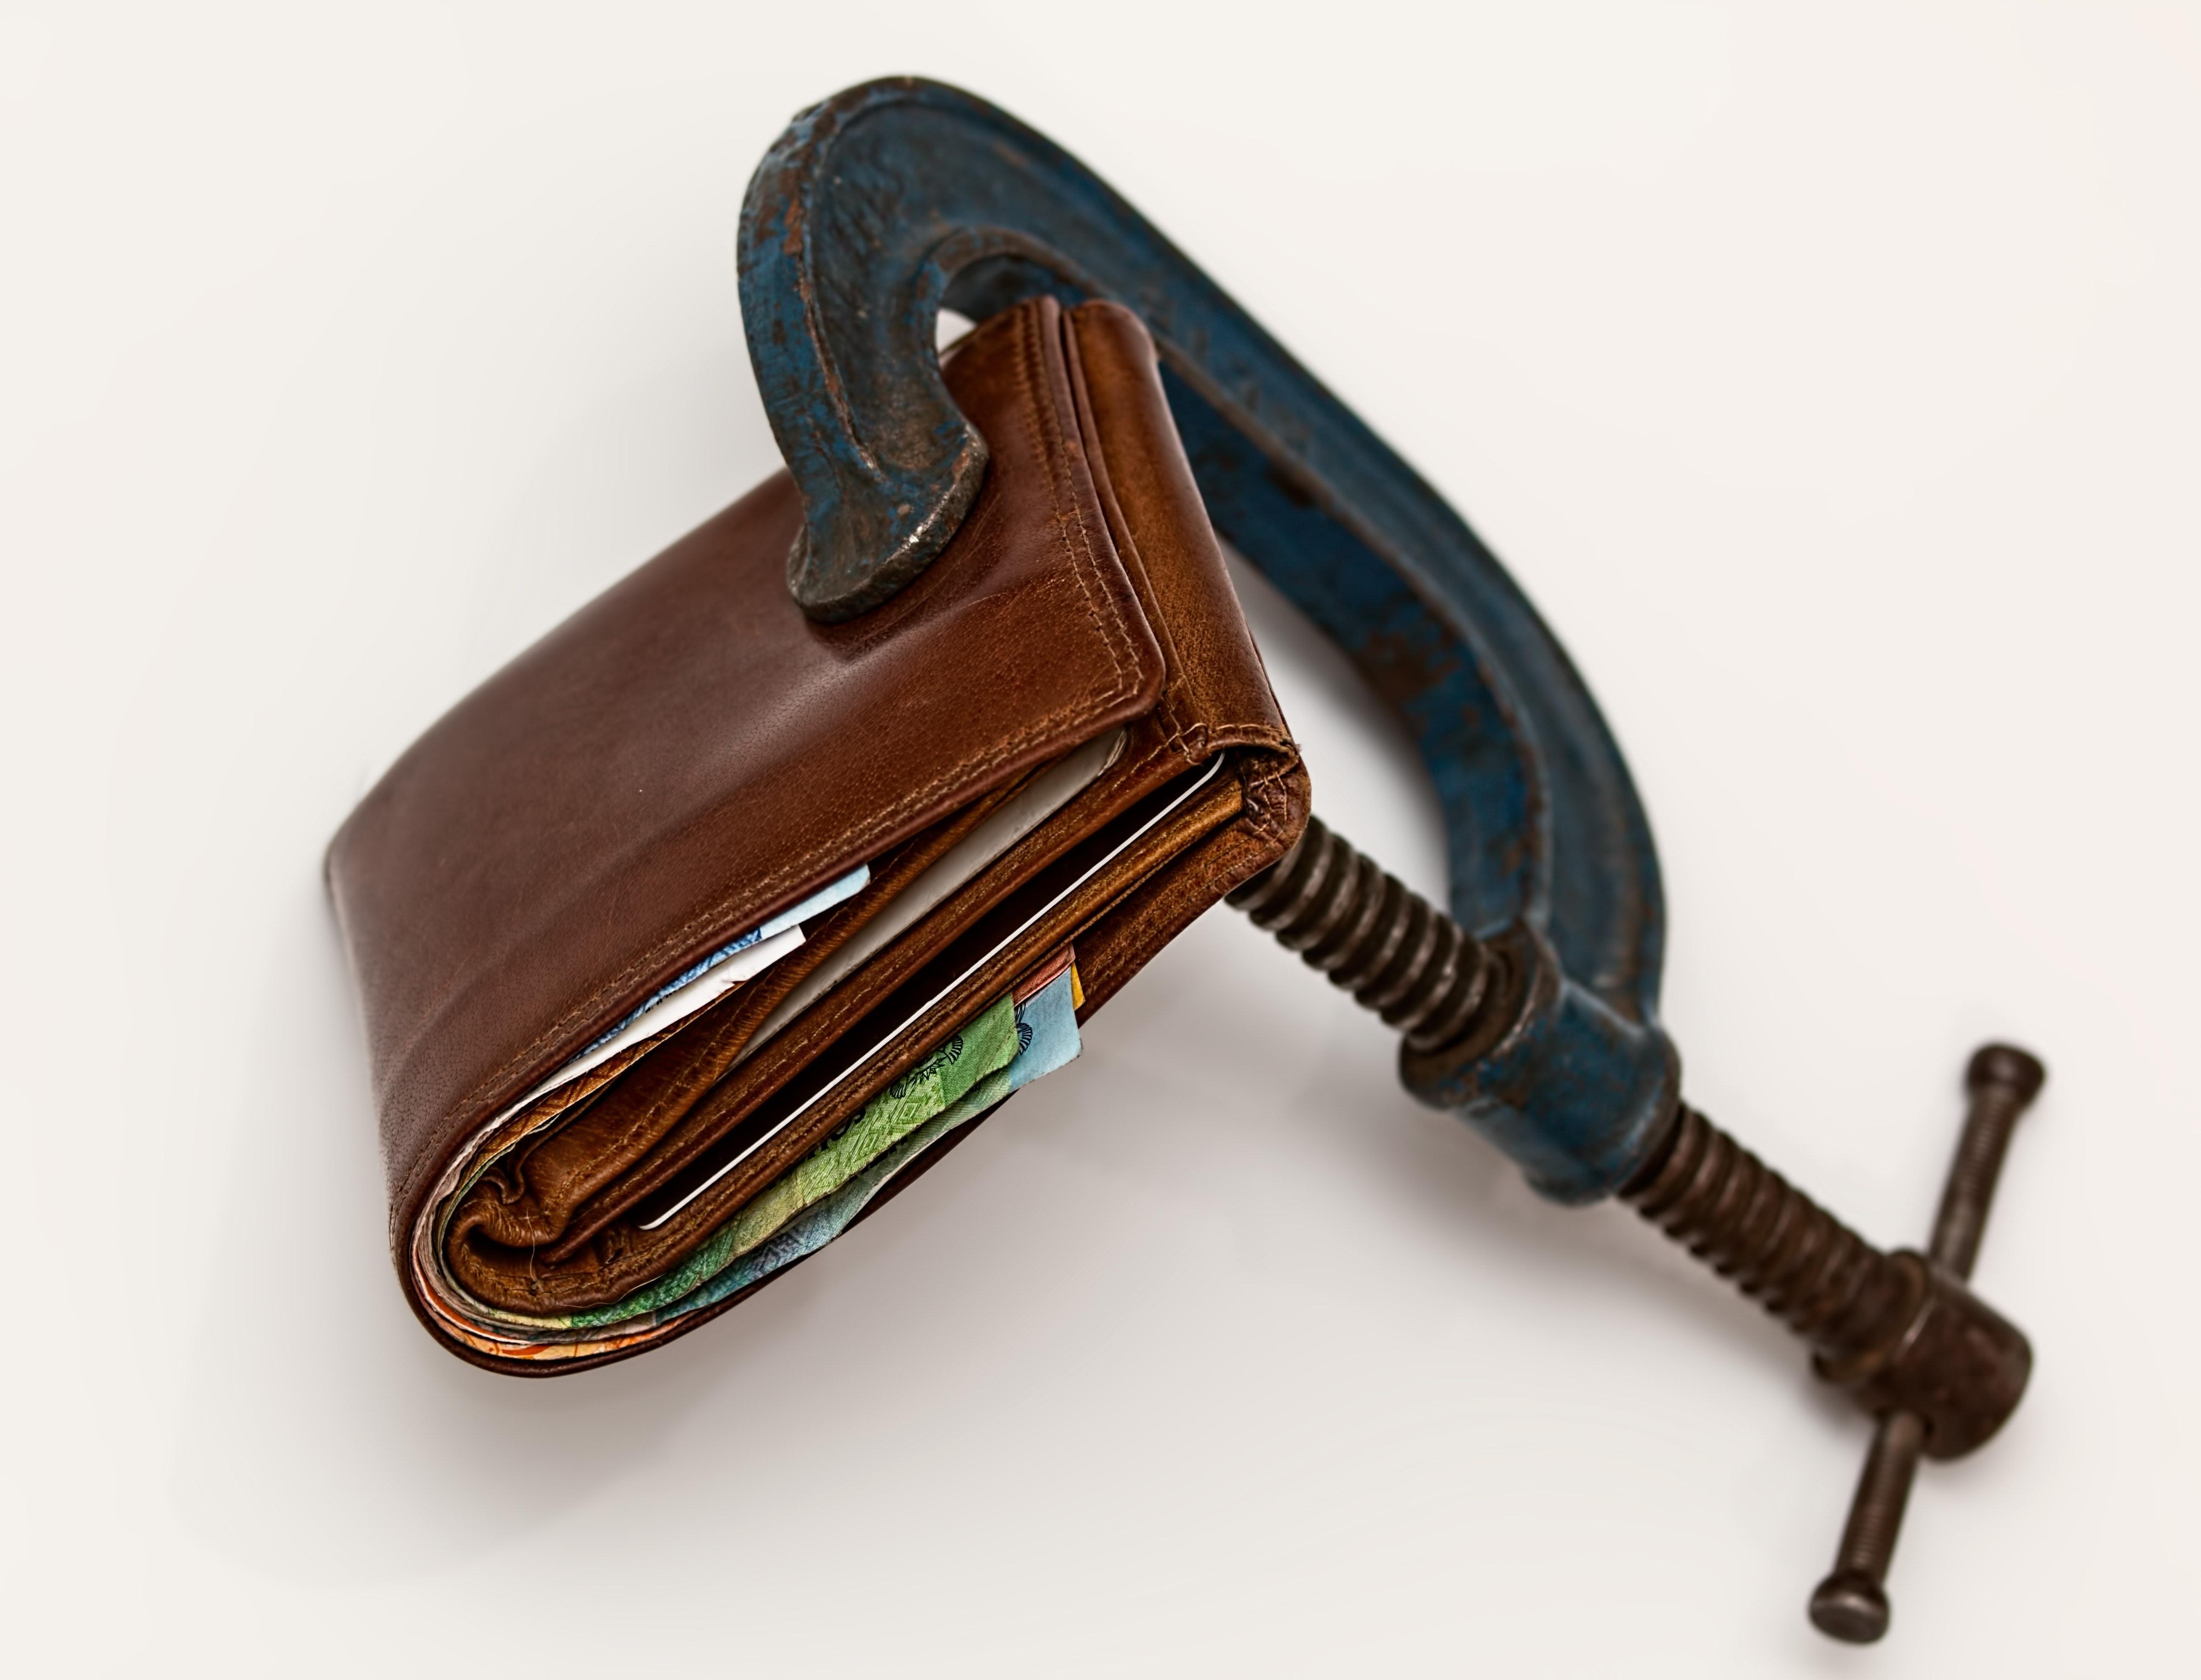 倒産防止共済の内容や申込み手順について